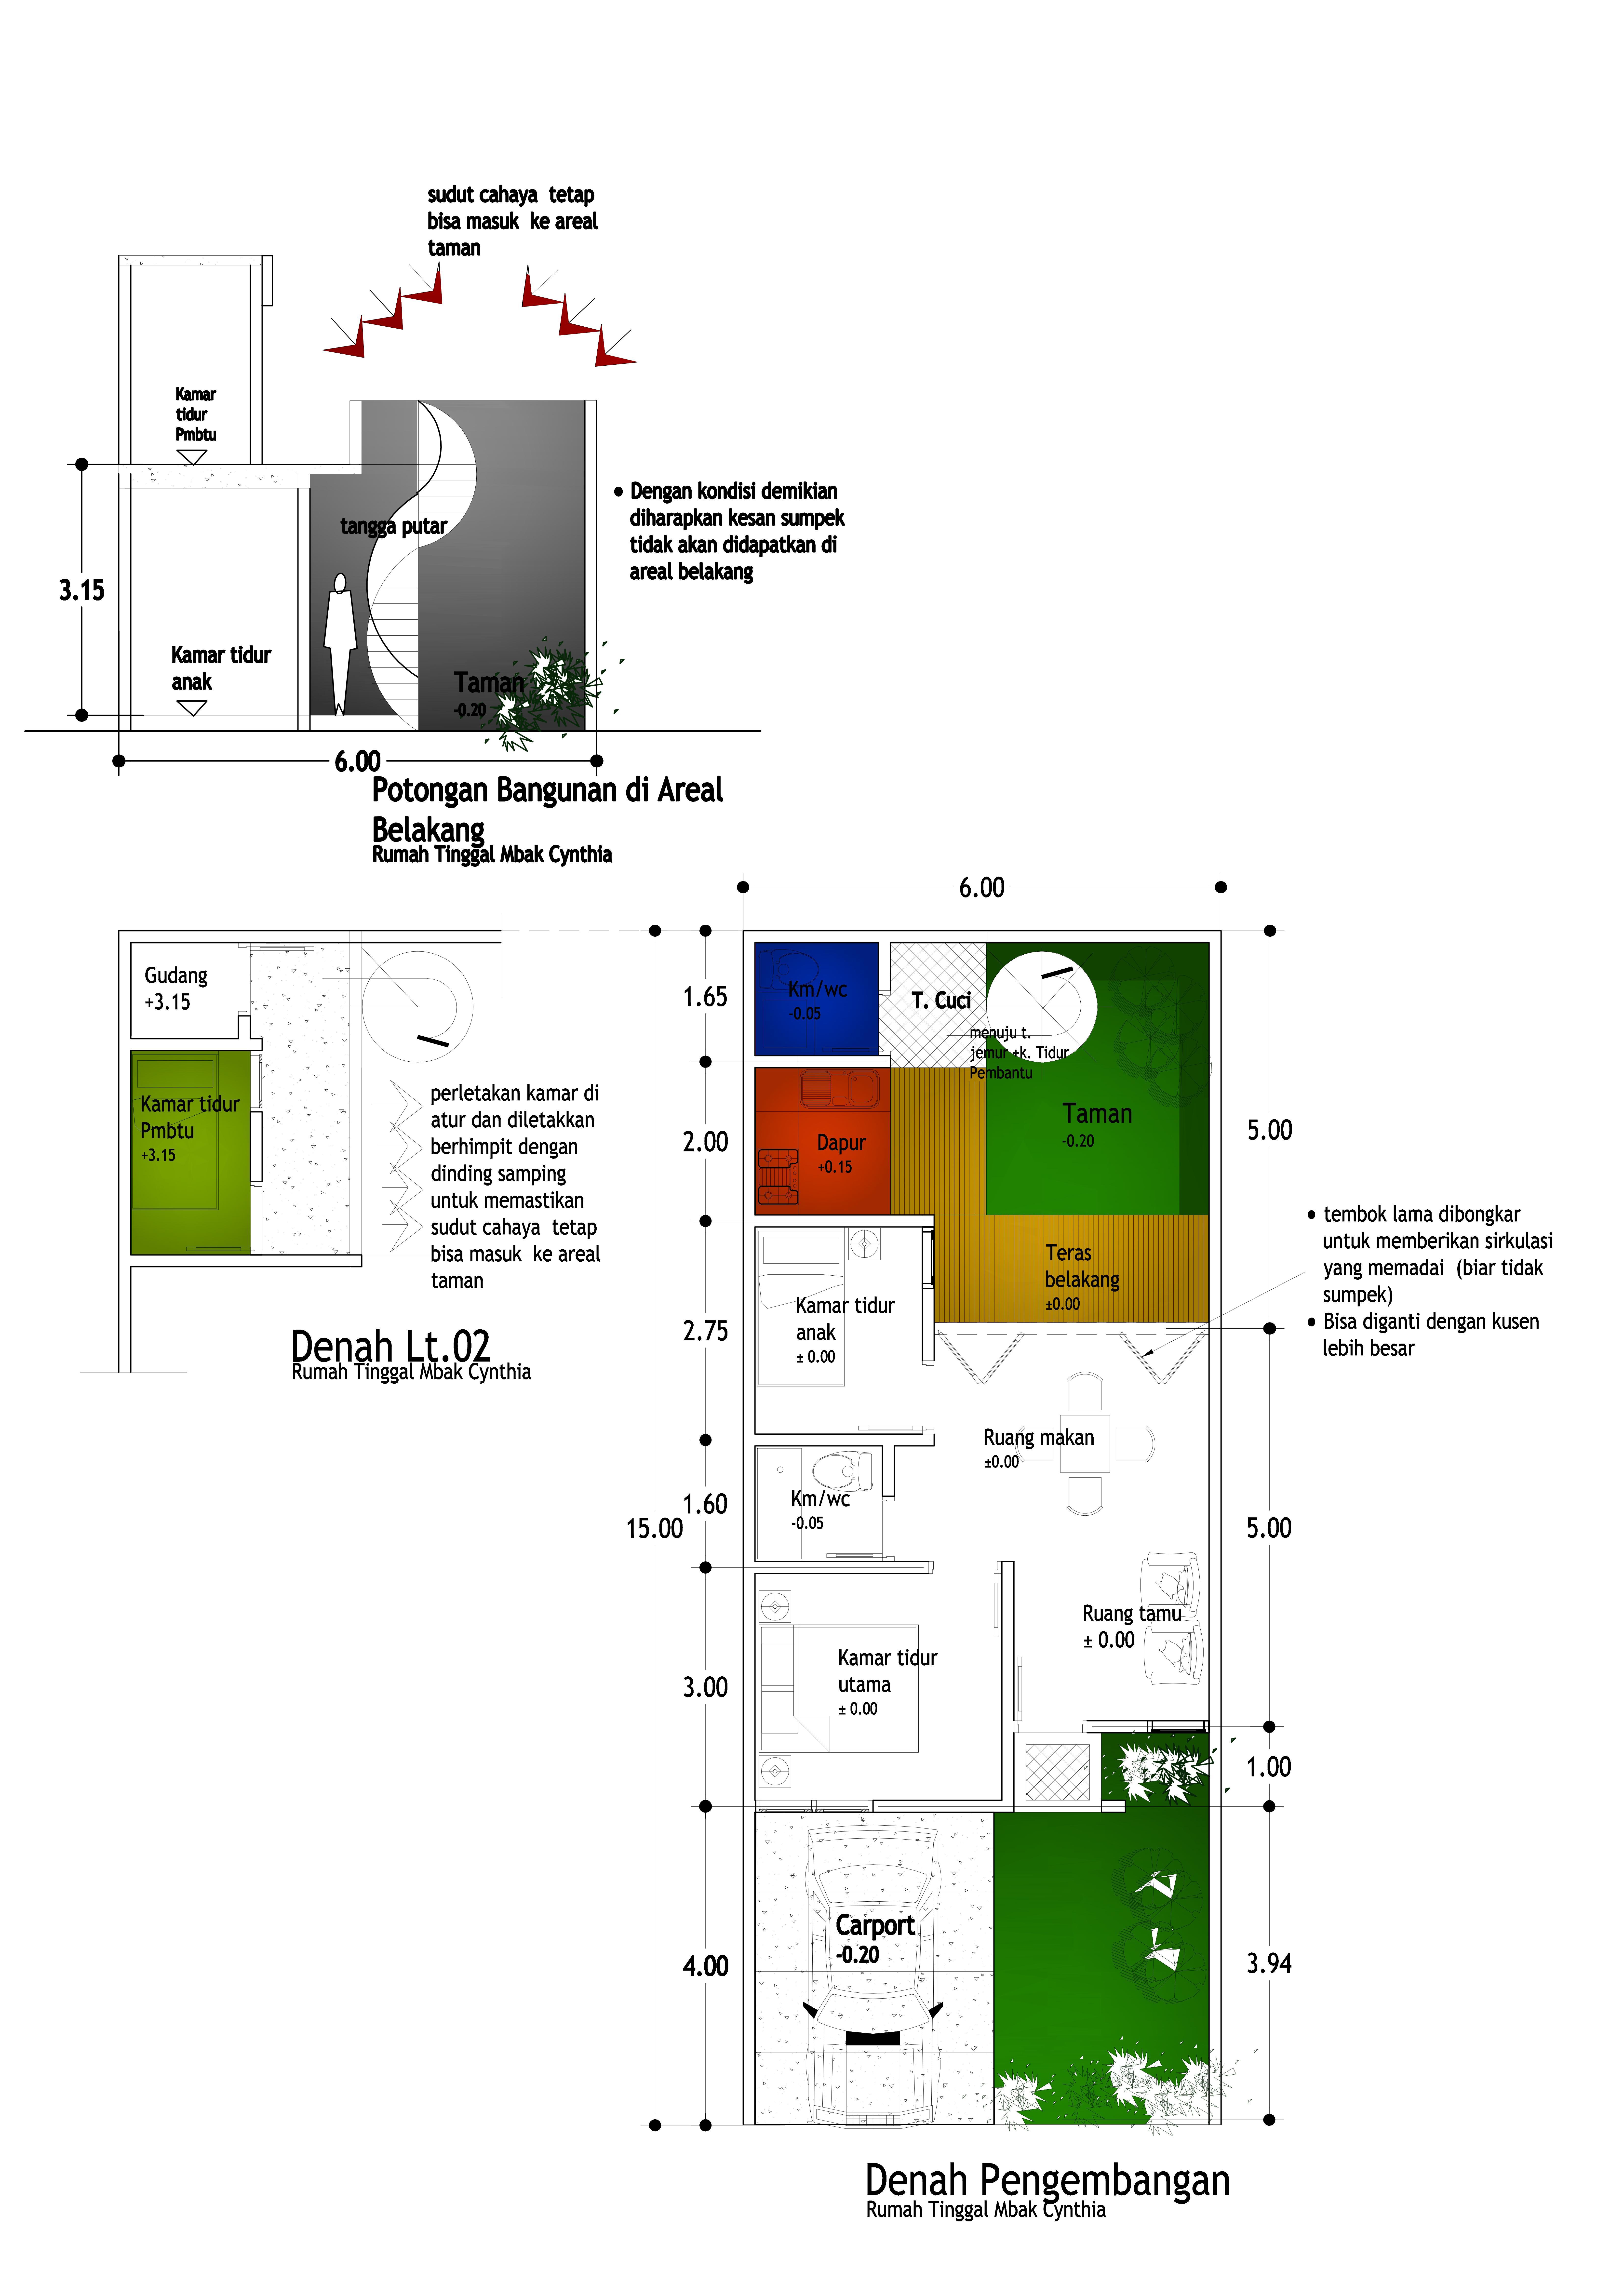 cynthia_6x15-renovasi-denah-pengembangan.pdf_01